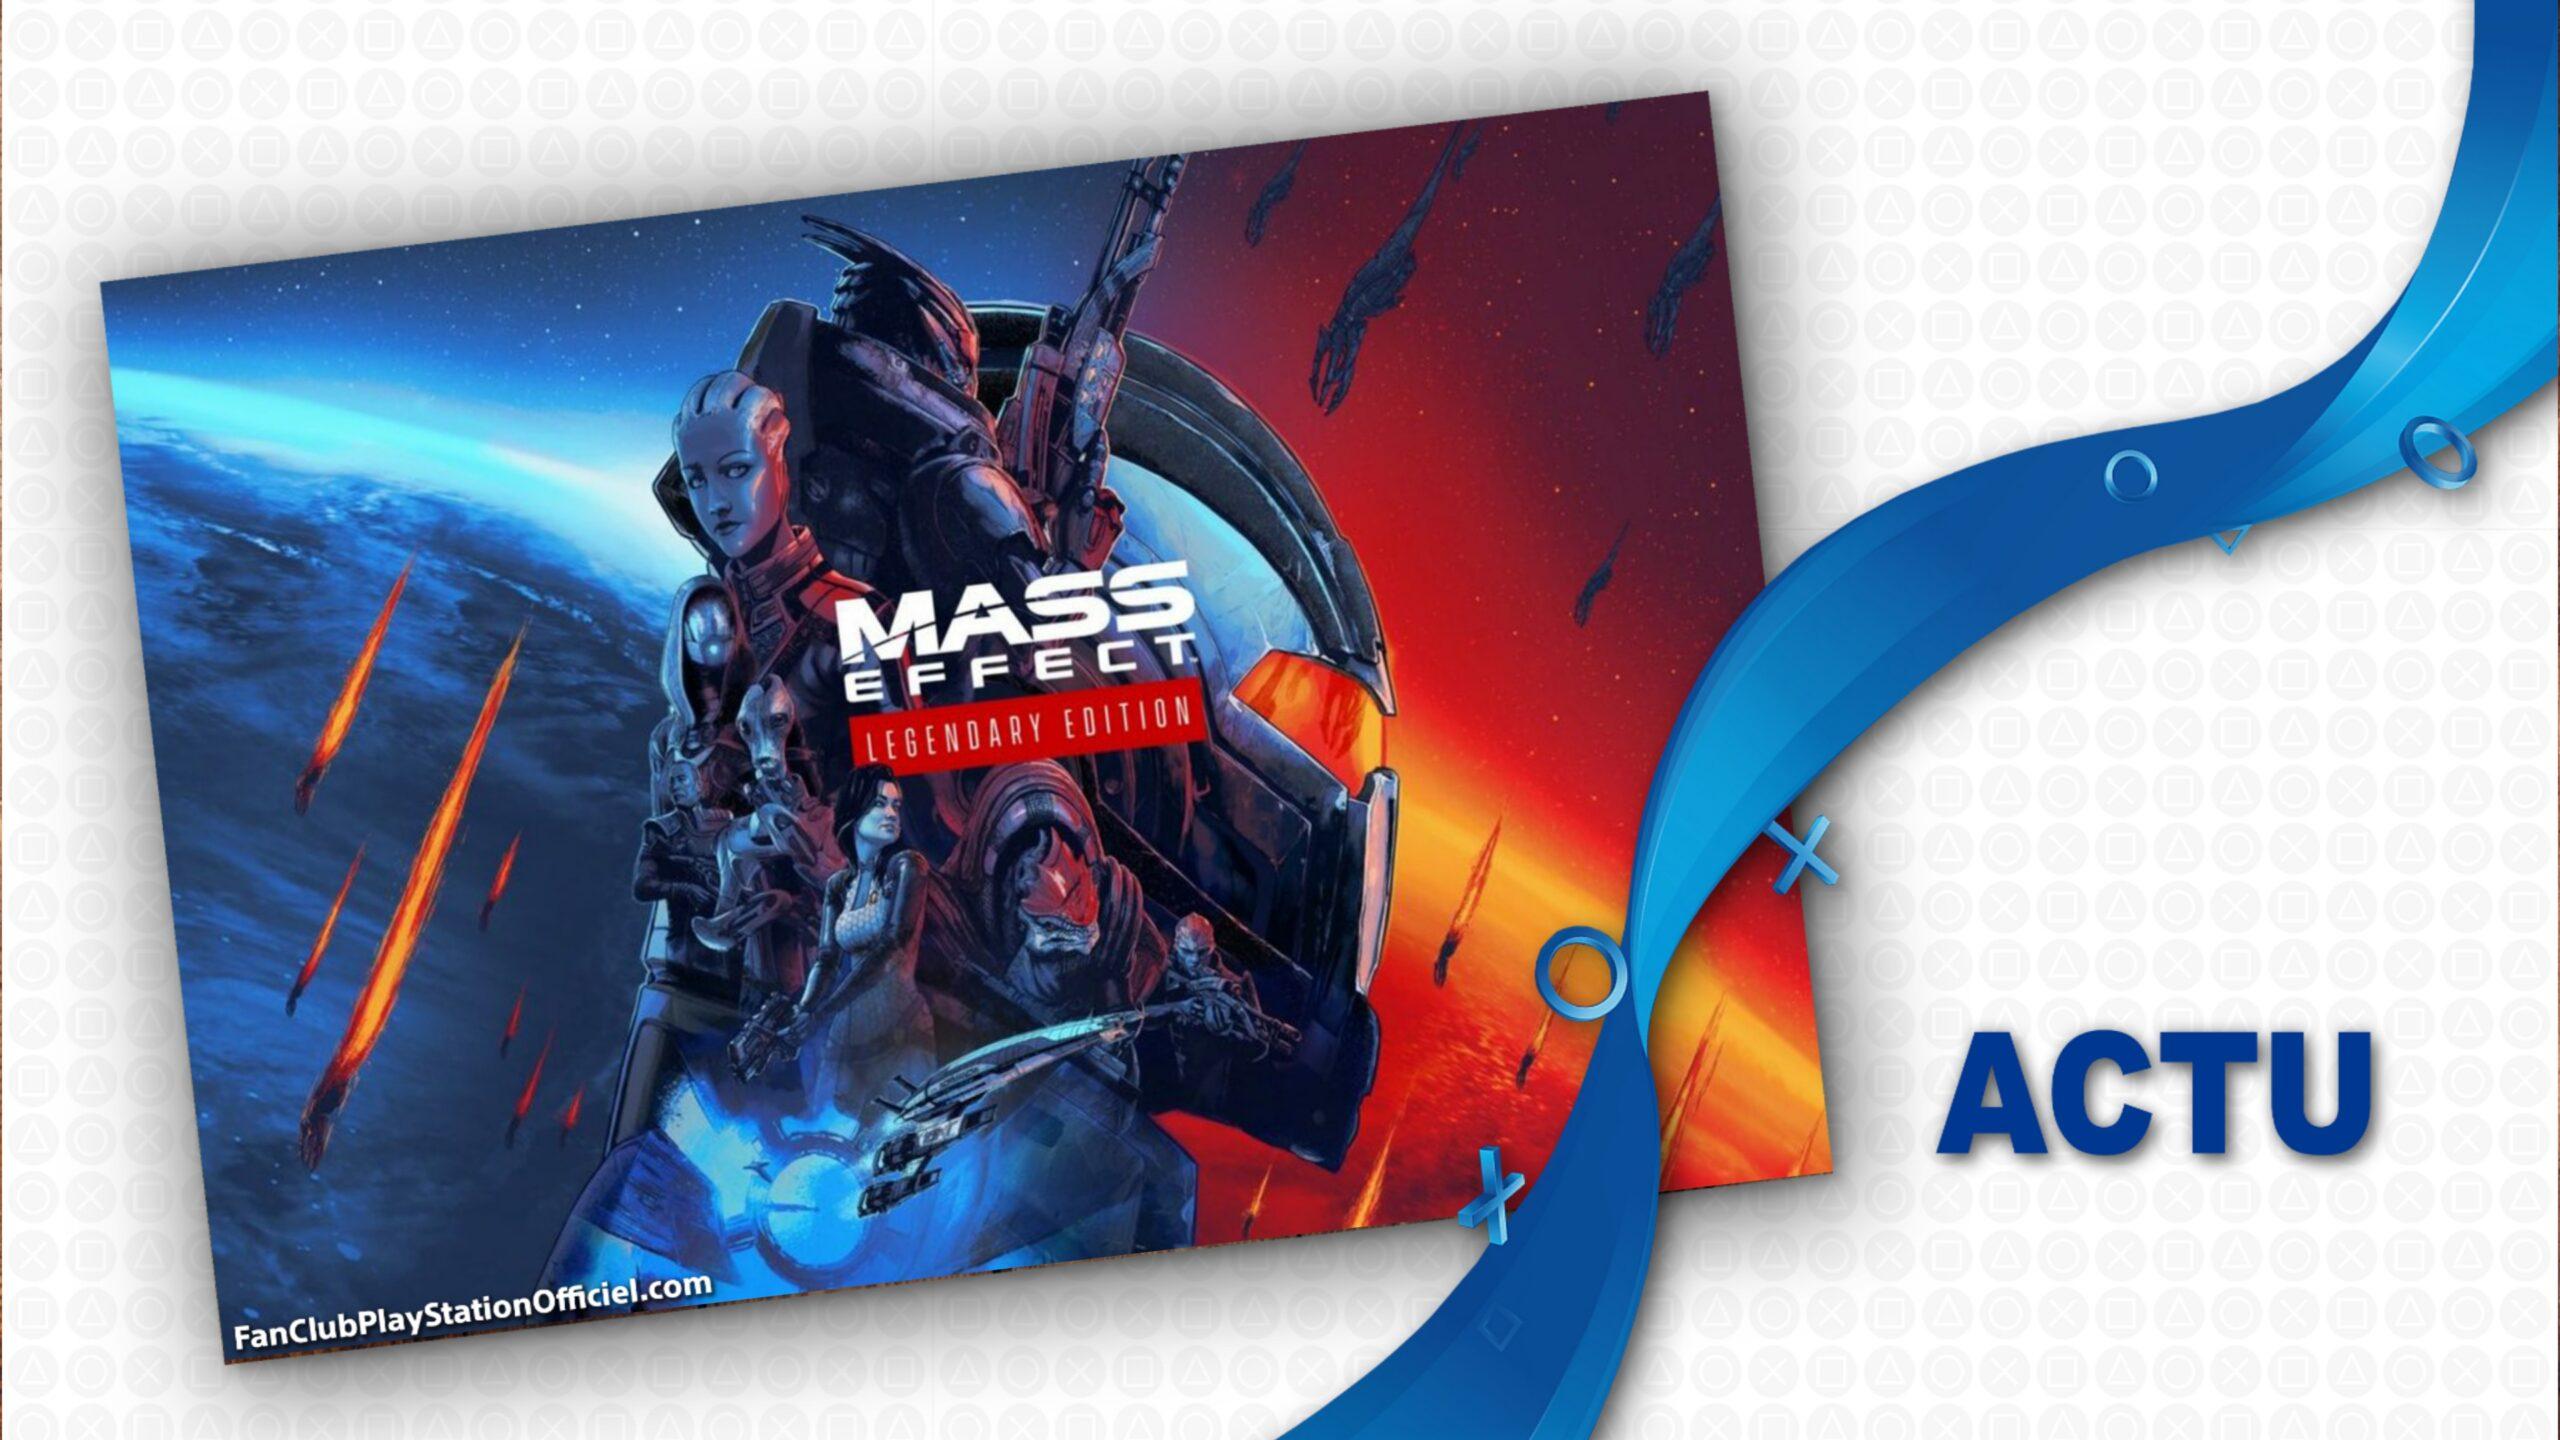 Sauvez la galaxie dans la saga épique du commandant Shepard avec Mass Effect Legendary Edition !